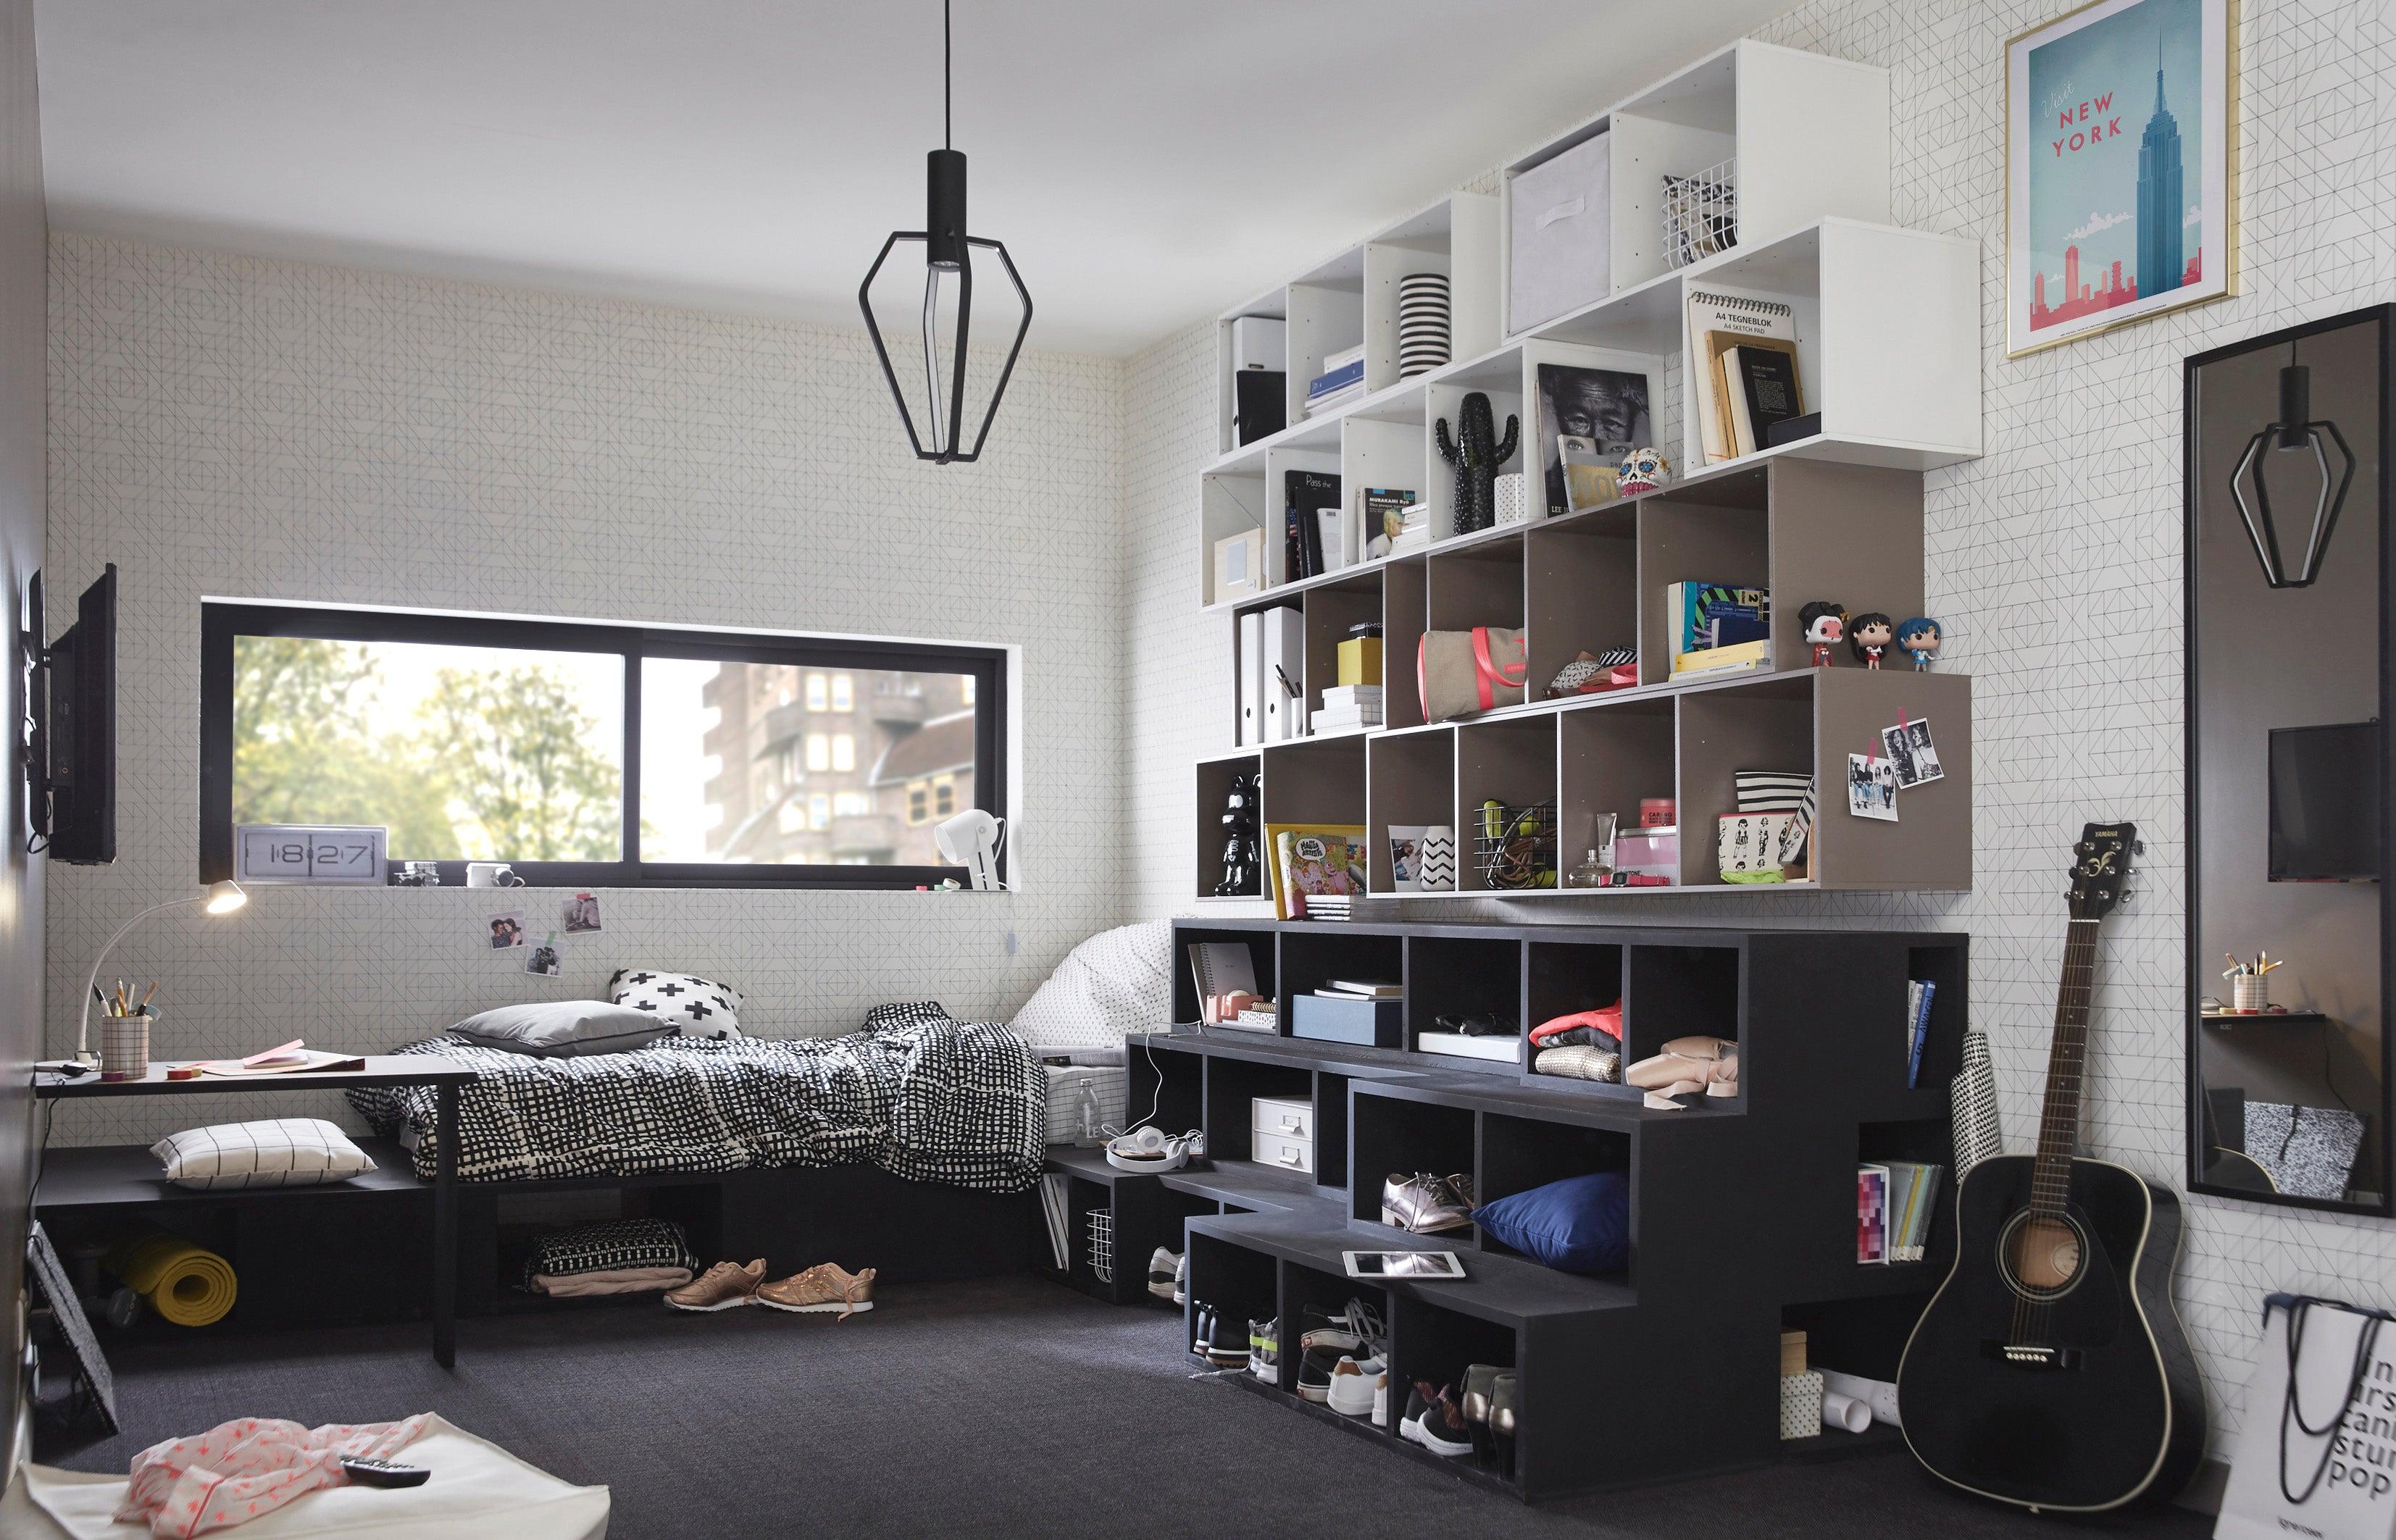 Chambre Ado Lit Mezzanine chambre d'ado : 3 idées d'aménagement | leroy merlin